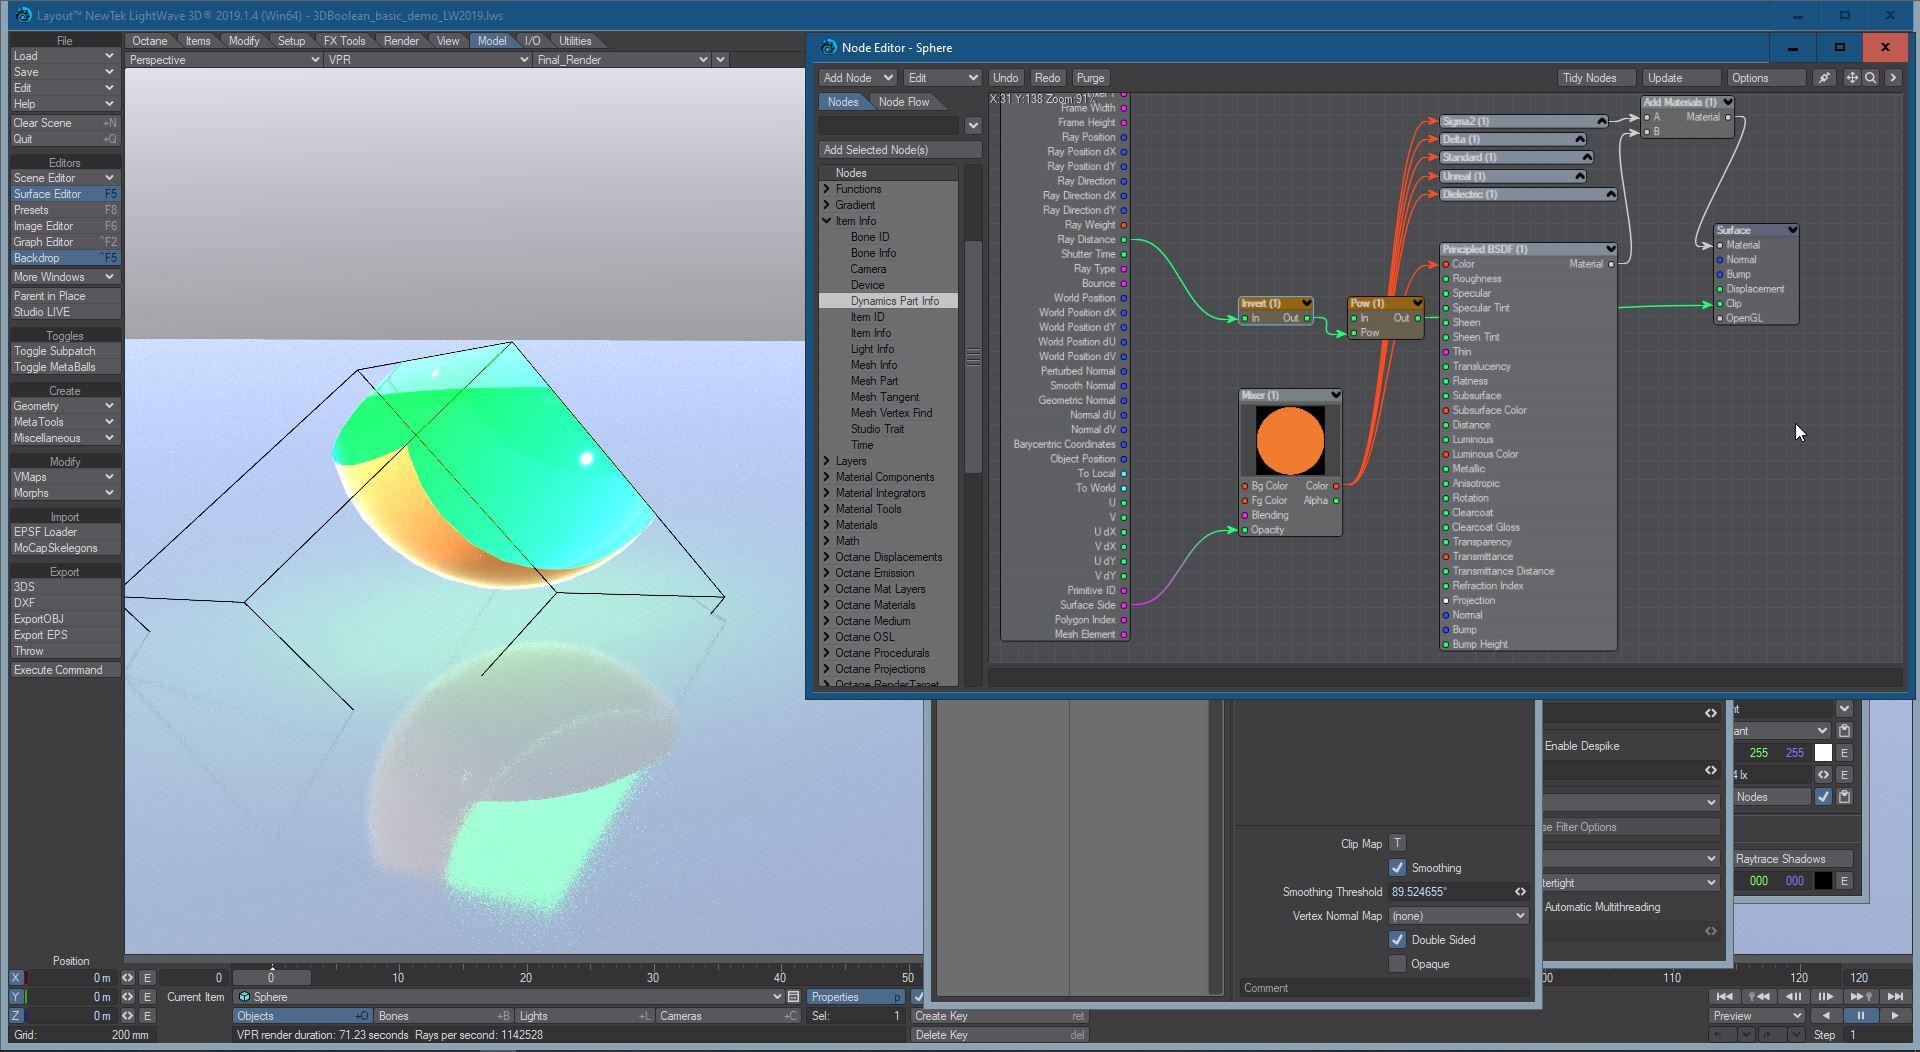 Nome: 2020-02-14 14_24_00-Layout™ NewTek LightWave 3D® 2019.1.4 (Win64) - 3DBoolean_basic_demo_LW2019..jpg Visite: 166 Dimensione: 240.9 KB